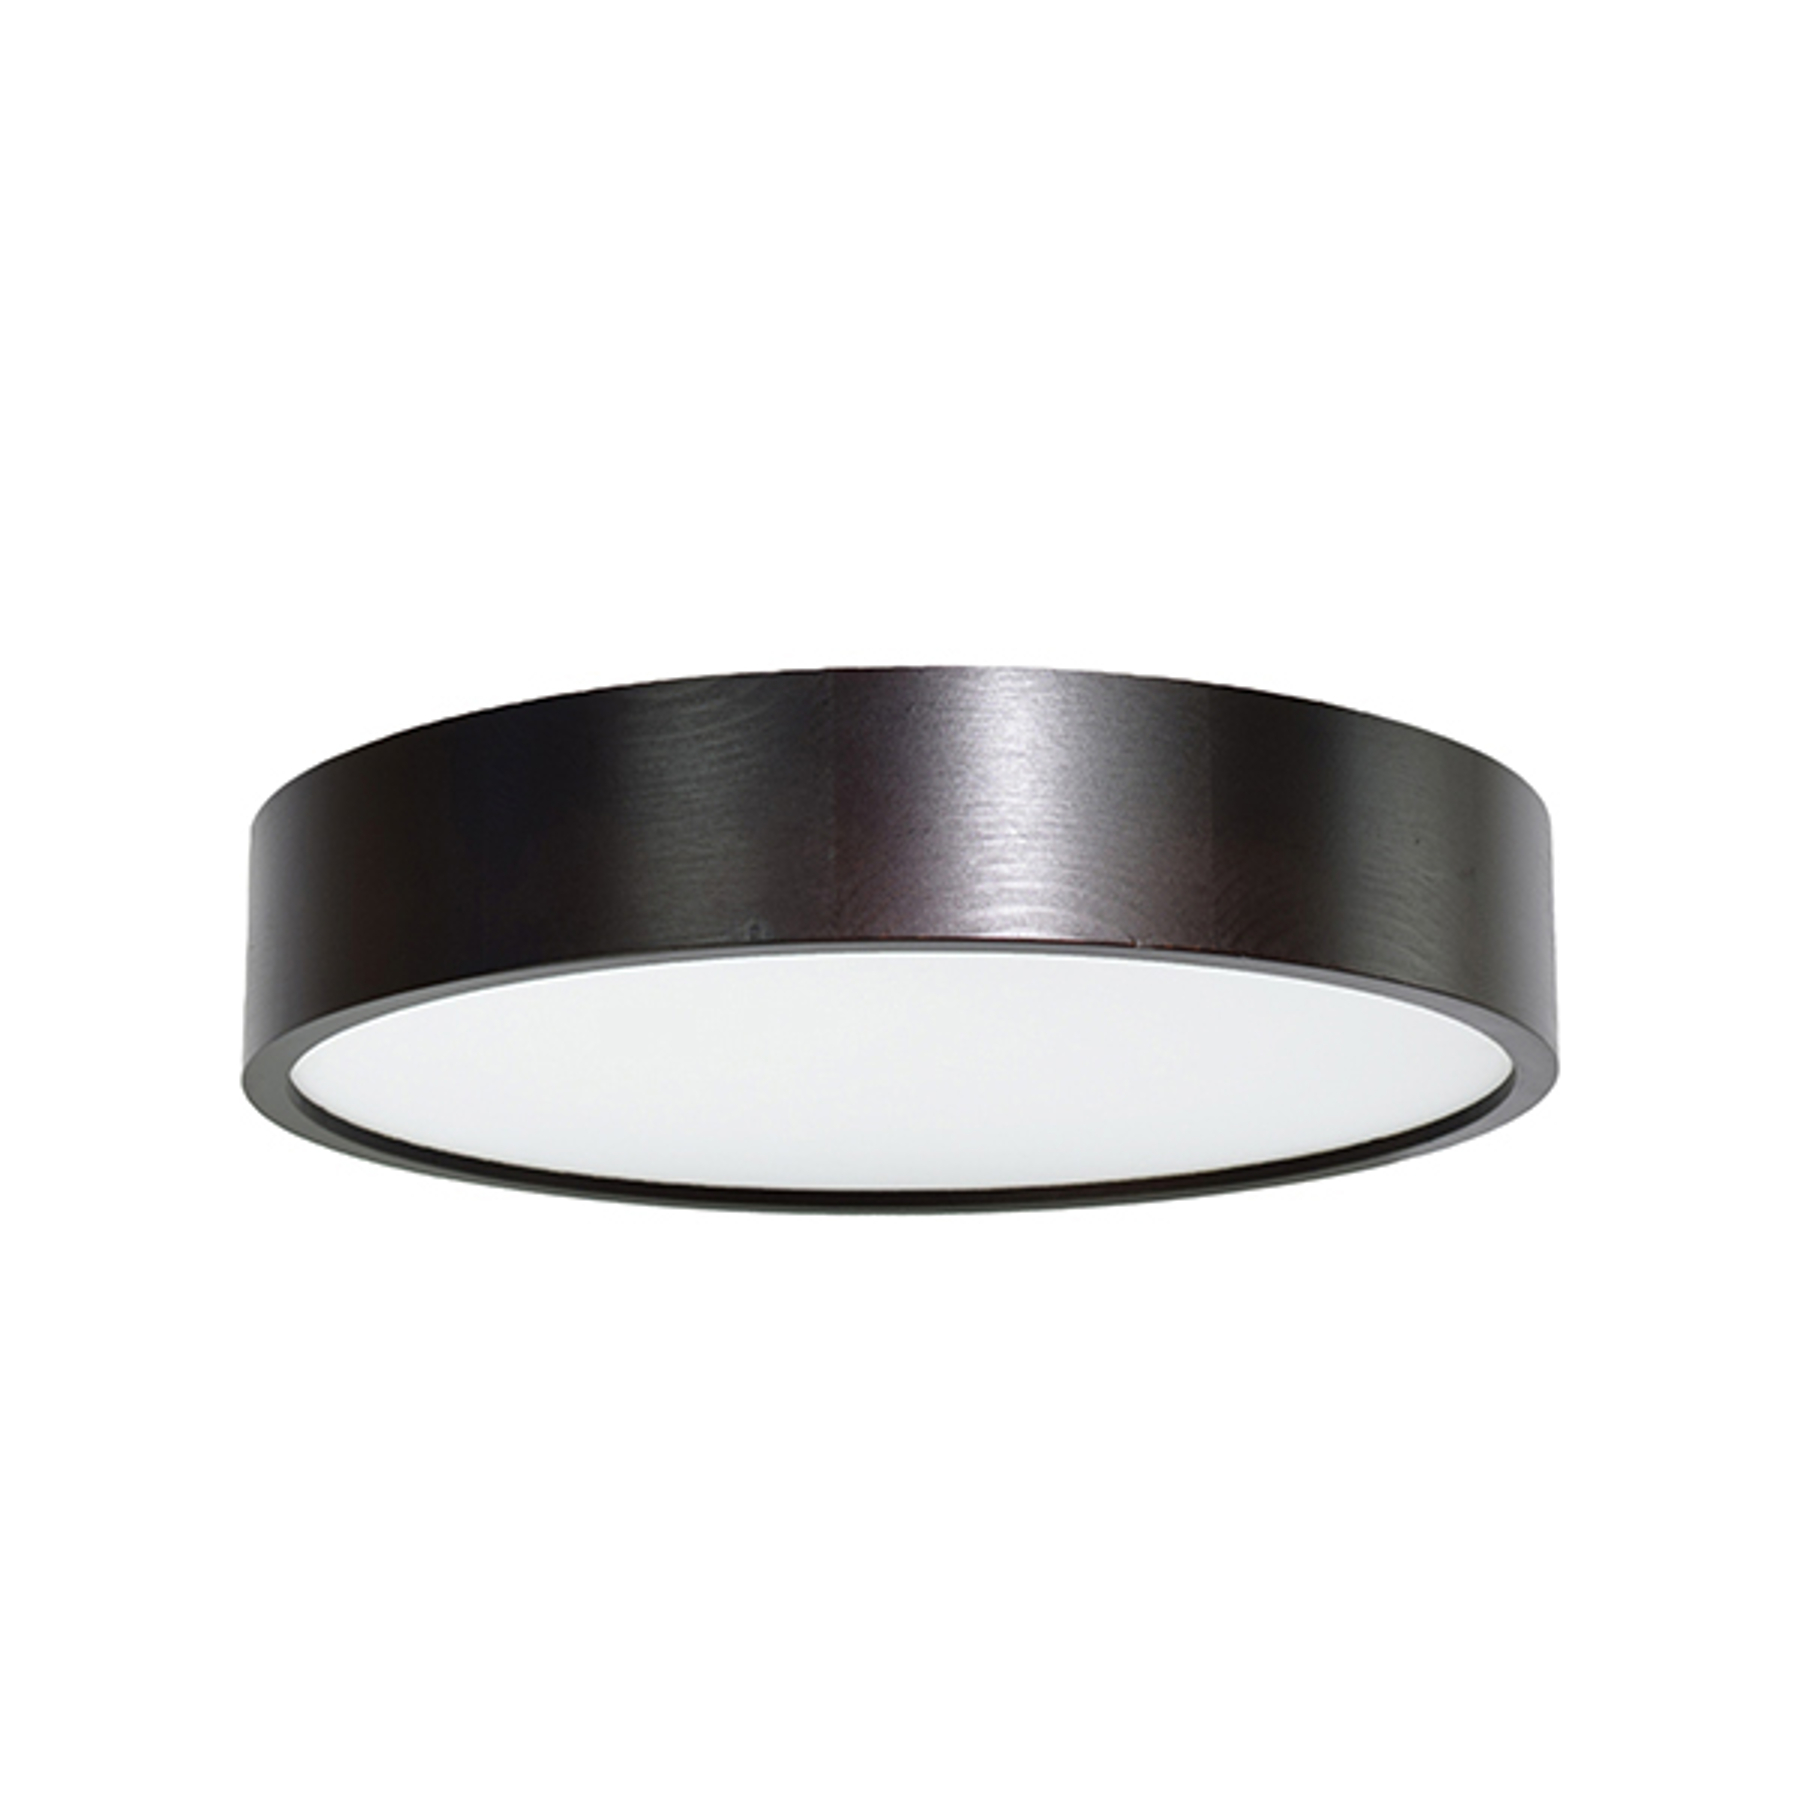 Lampa sufitowa LED Cleo, Ø 38cm, czarna